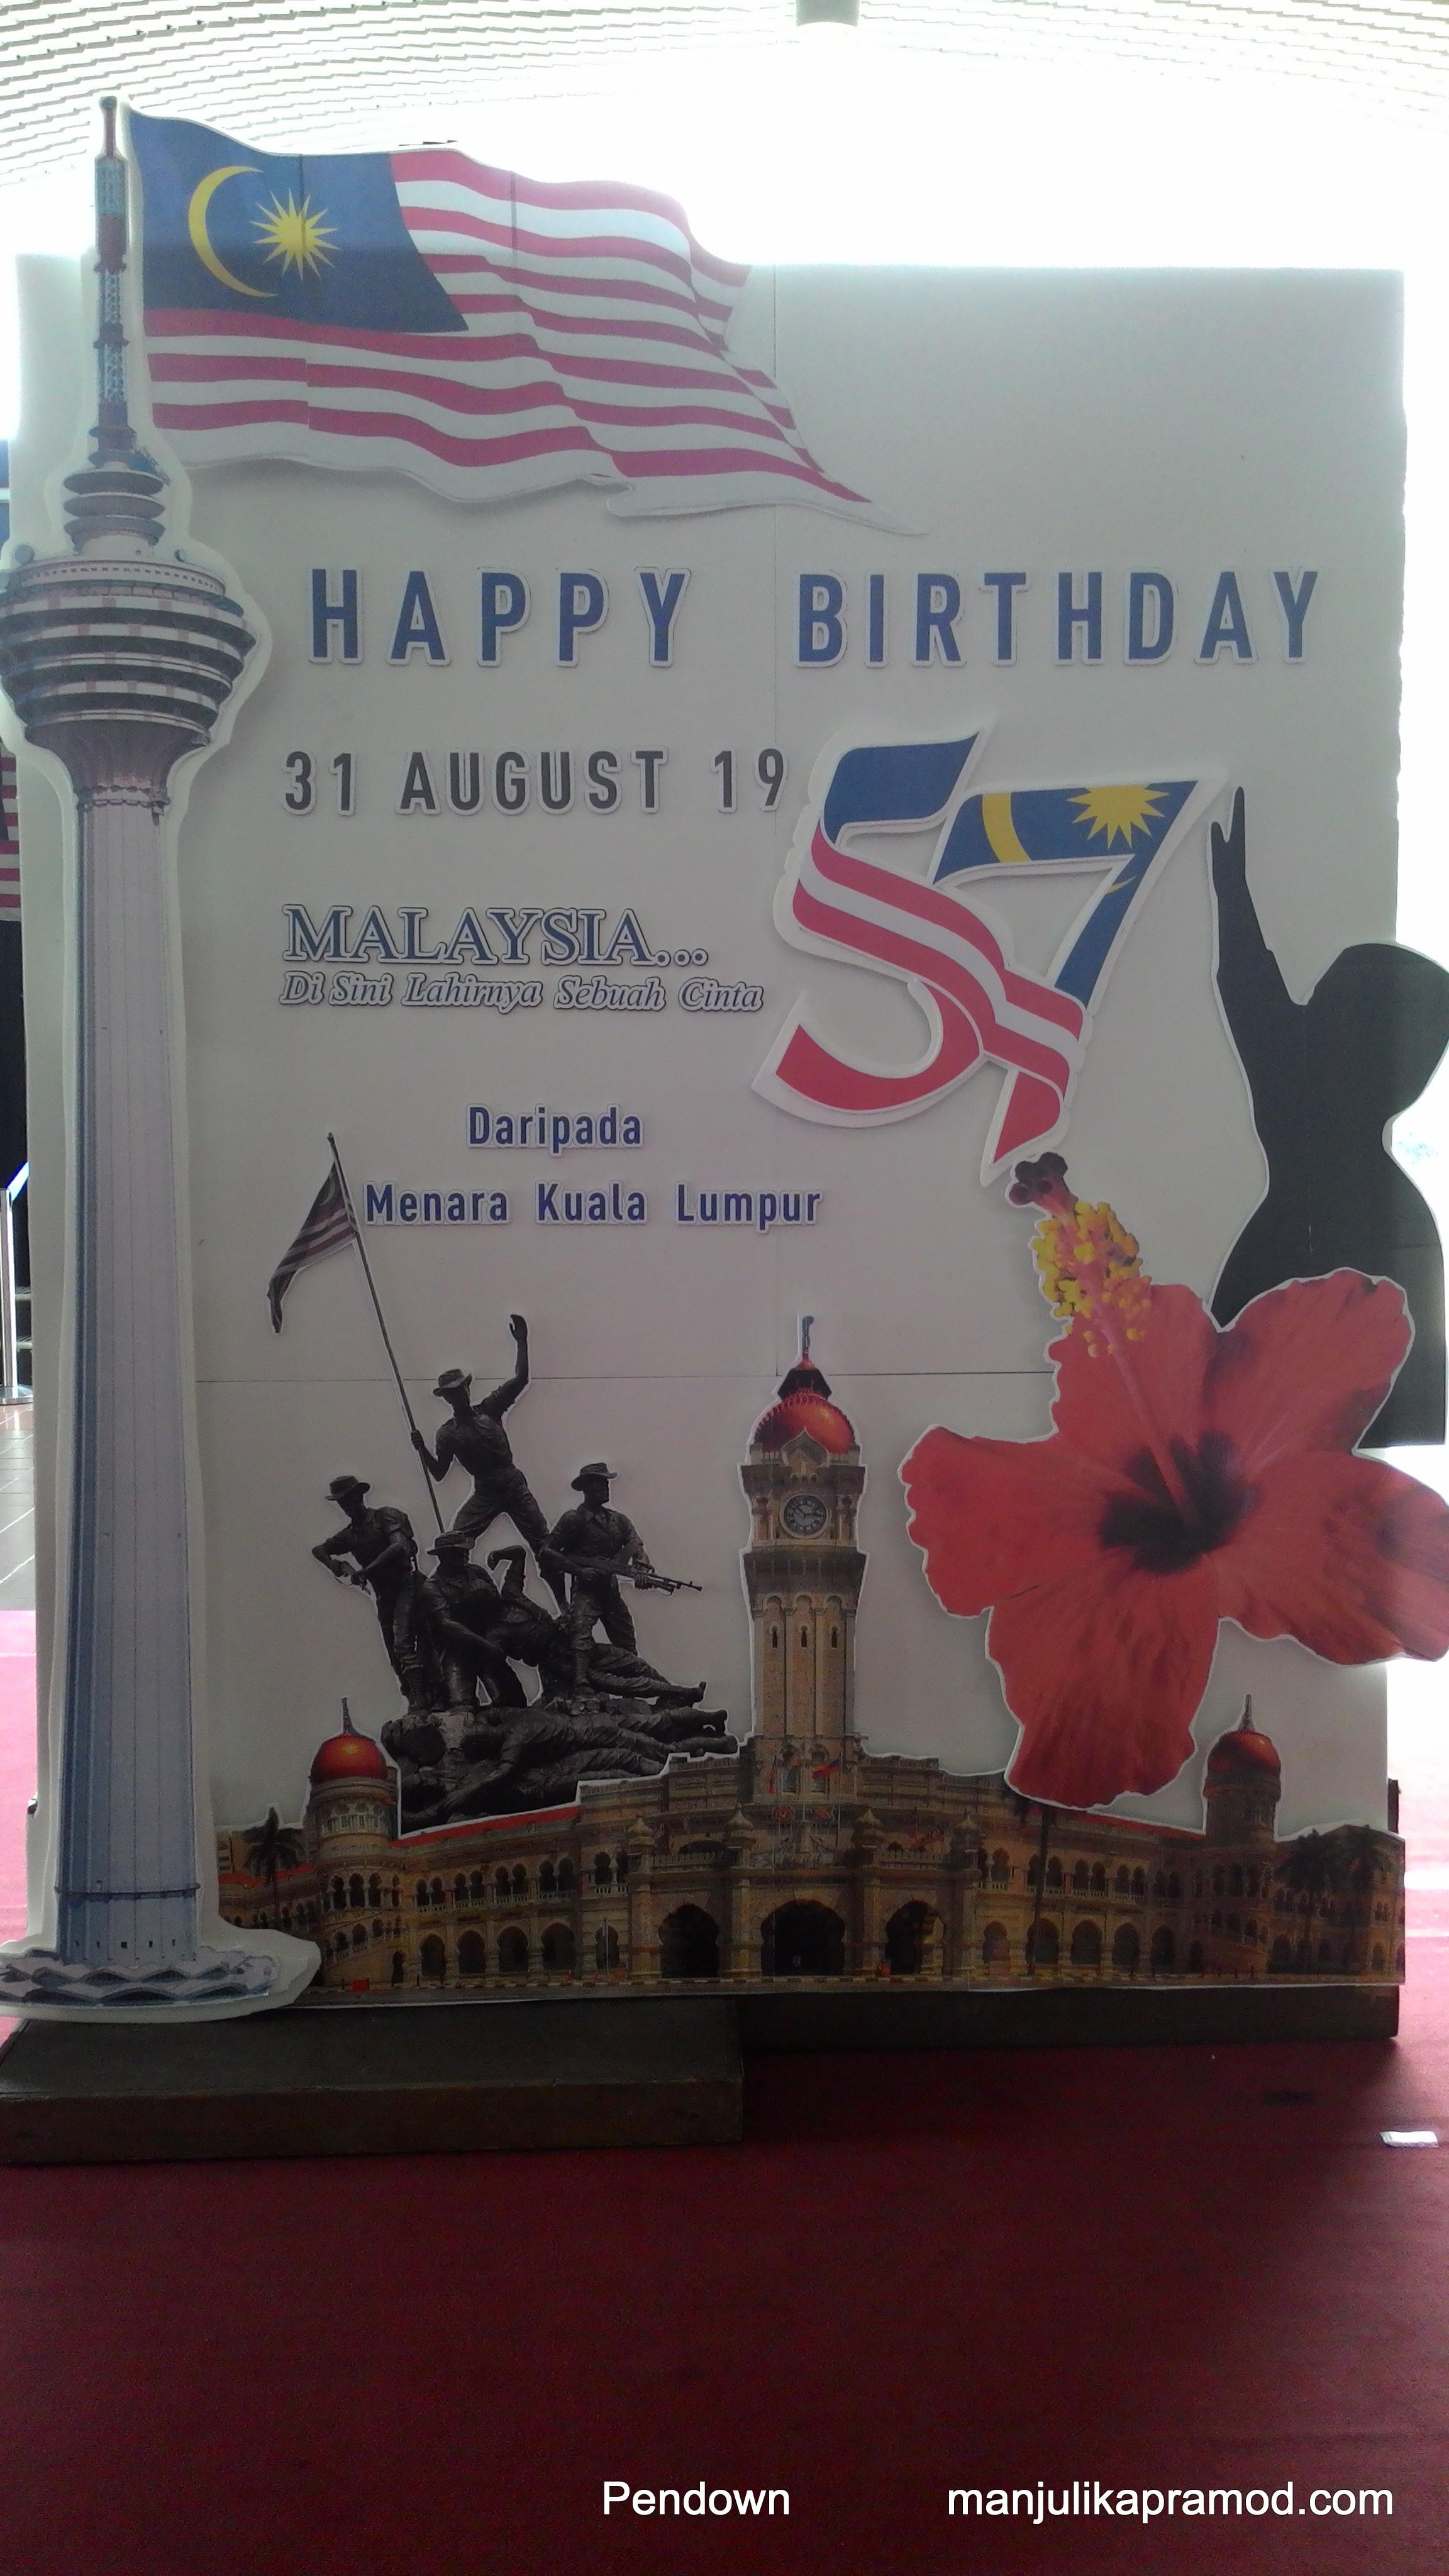 Merdeka, Malaysia, Kuala Lumpur, Travel, FAM trip